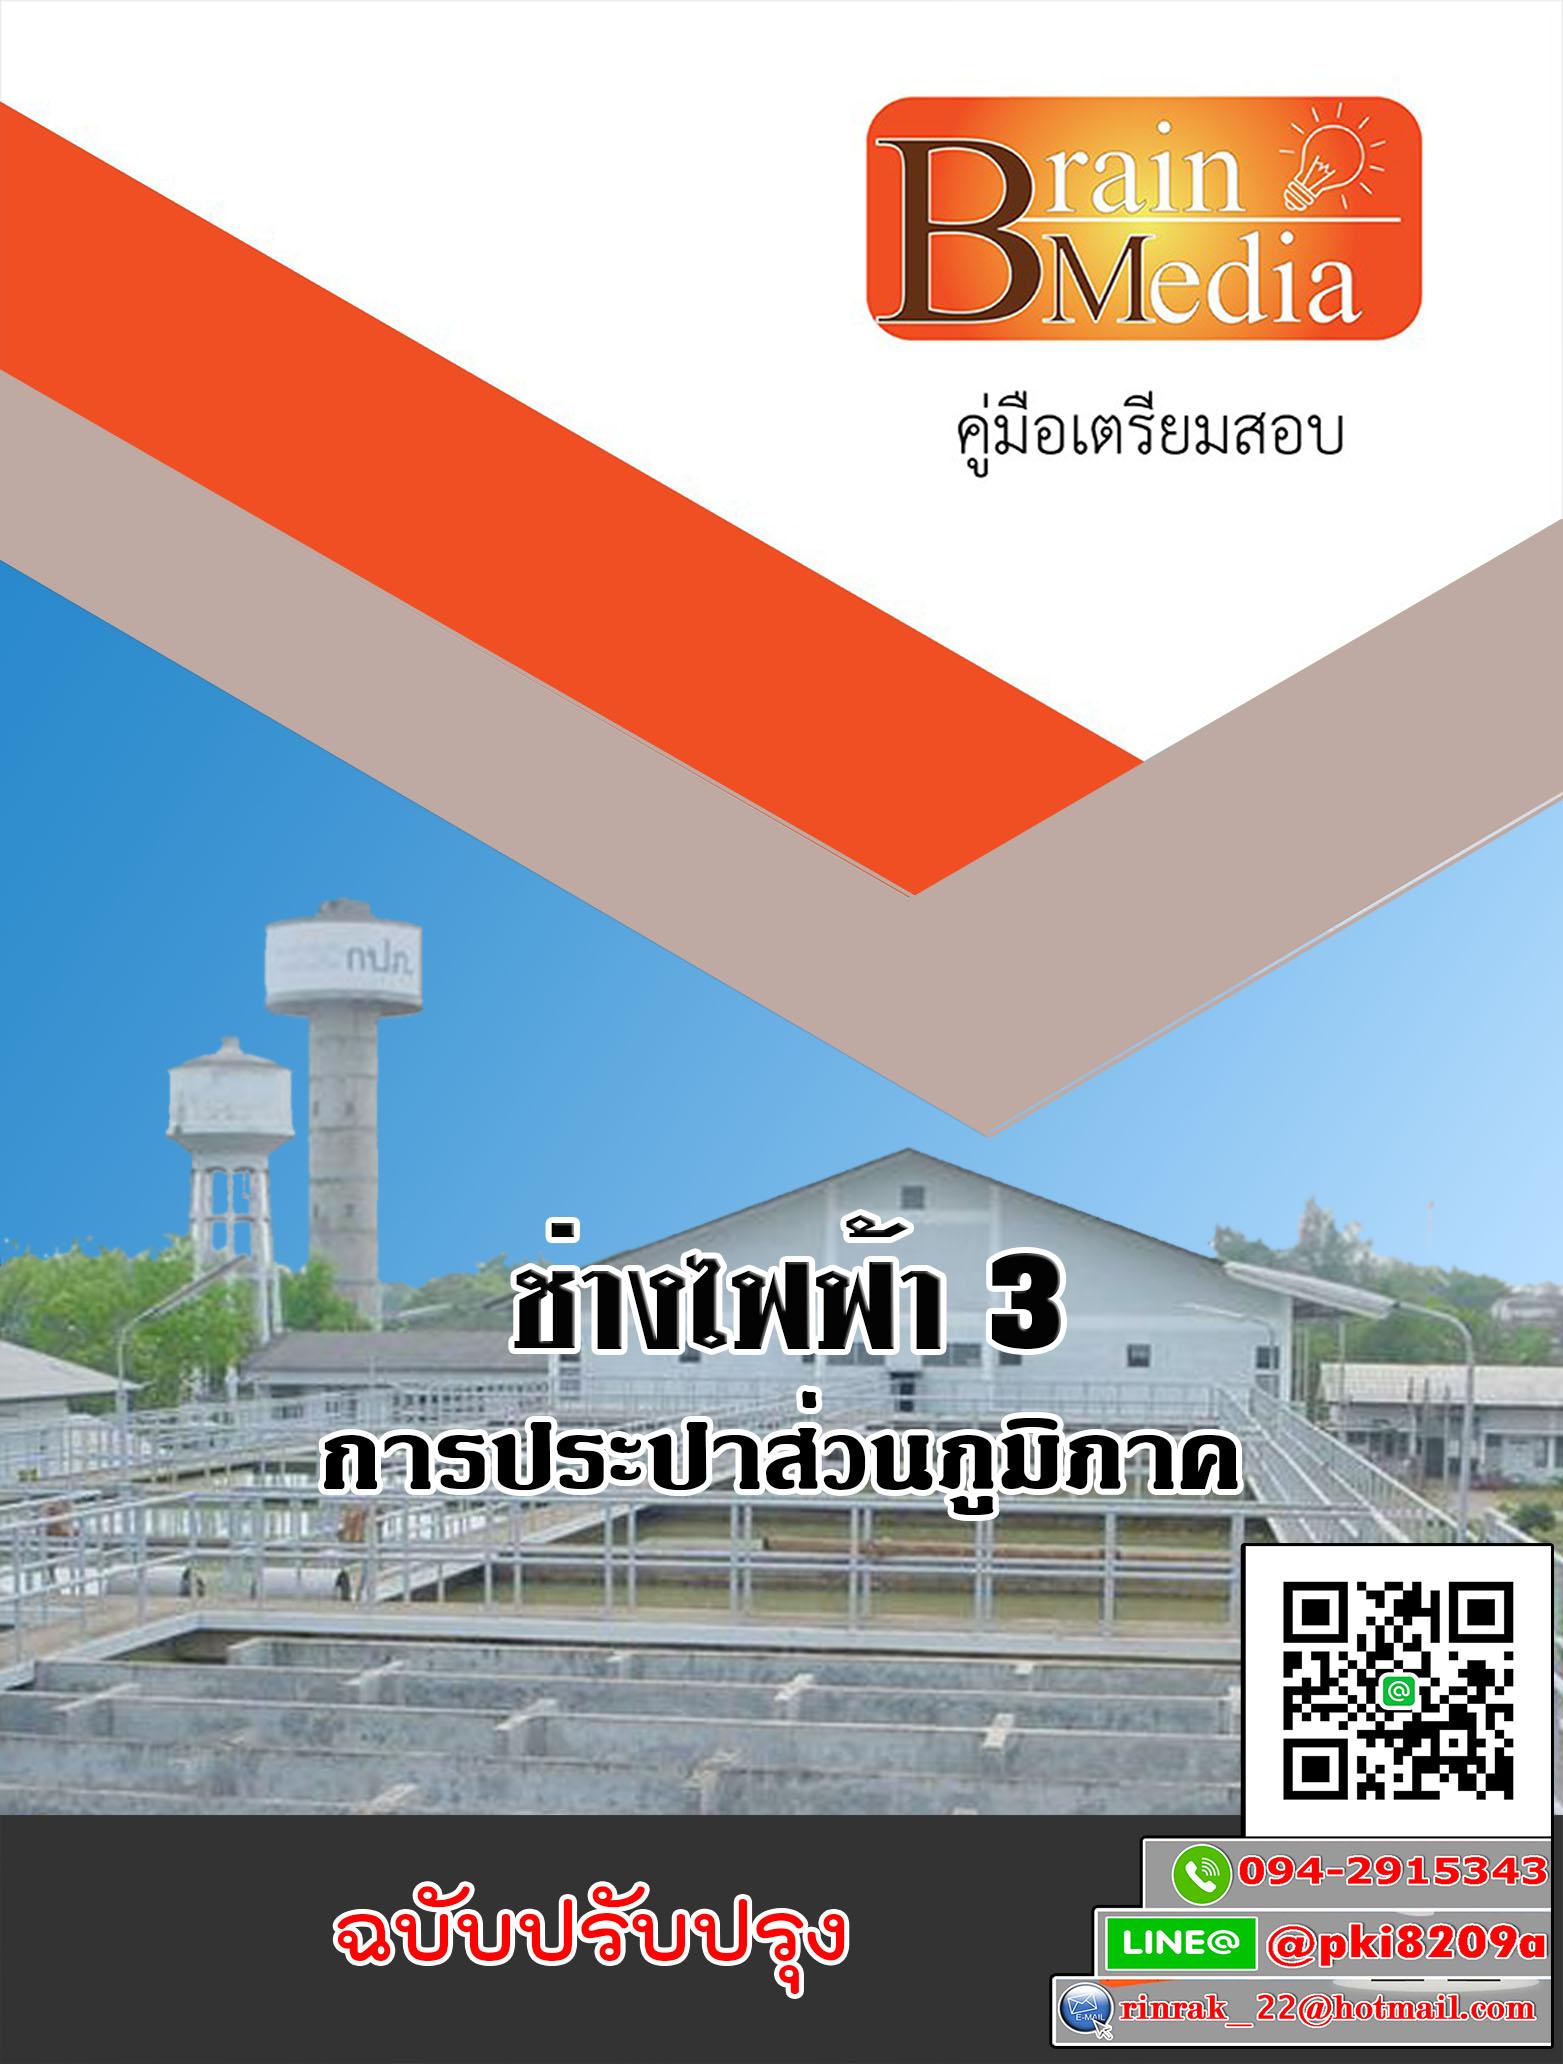 แนวข้อสอบ ช่างไฟฟ้า 3 การประปาส่วนภูมิภาค